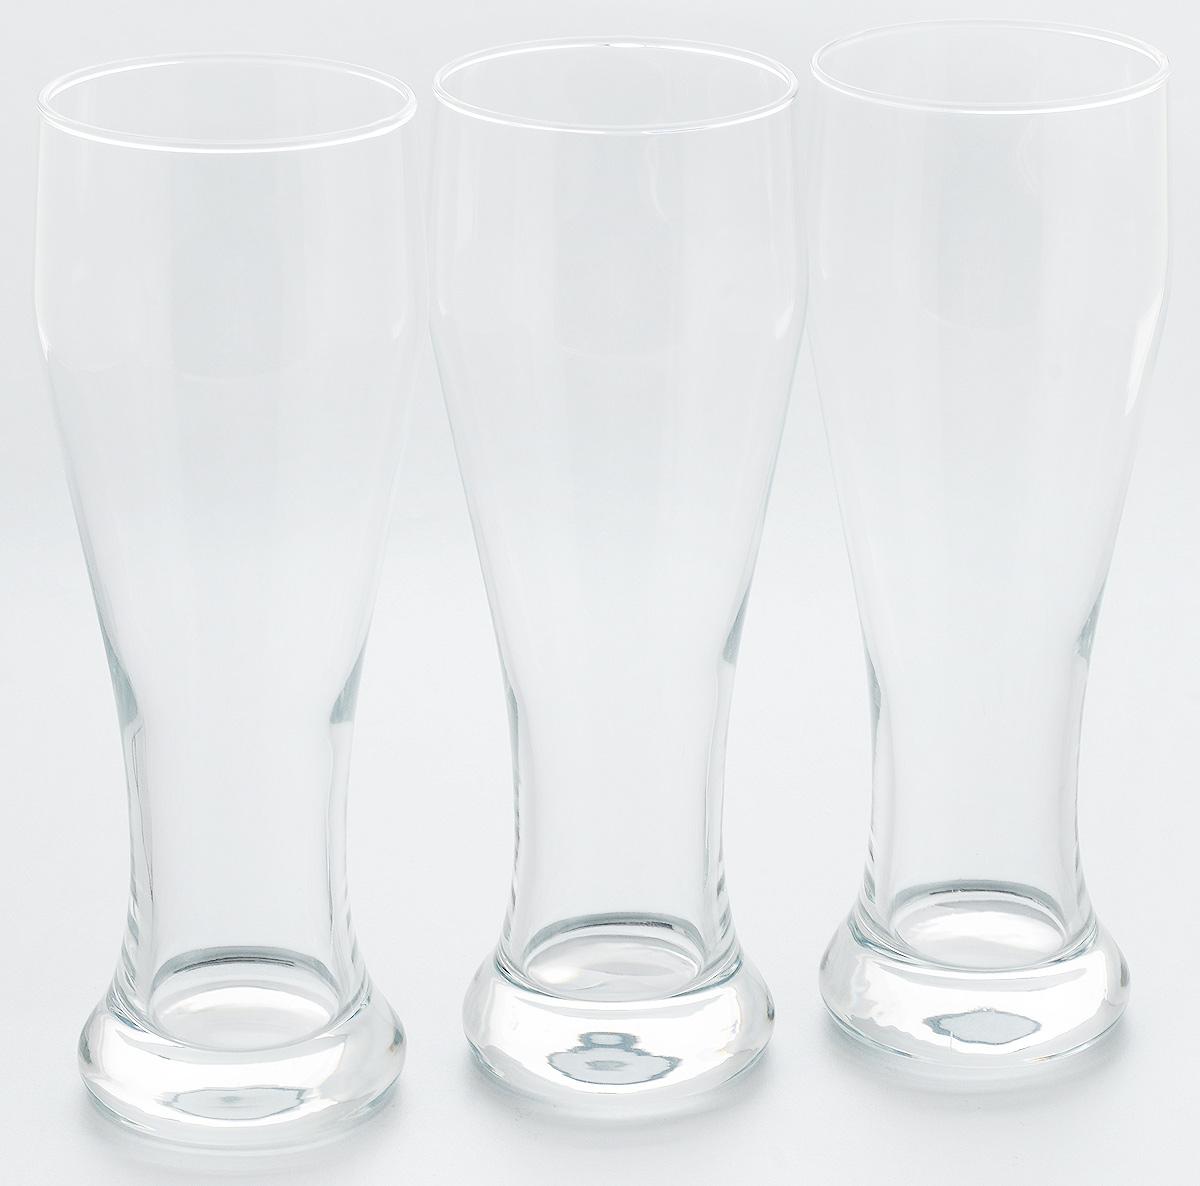 Набор стаканов для пива Pasabahce Pub, 665 мл, 3 шт42756//Набор Pasabahce Pub состоит из трех стаканов, выполненных из прочного натрий-кальций-силикатного стекла. Стаканы, оснащенные утолщенным дном, предназначены для подачи пива. Такой набор прекрасно подойдет для любителей пенного напитка.Стаканы можно использовать микроволновой печи до +70°С и холодильнике. Также подходят для мытья в посудомоечной машине. Высота стакана: 13,5 см.Диаметр стакана: 8 см.Диаметр дна: 7 см.